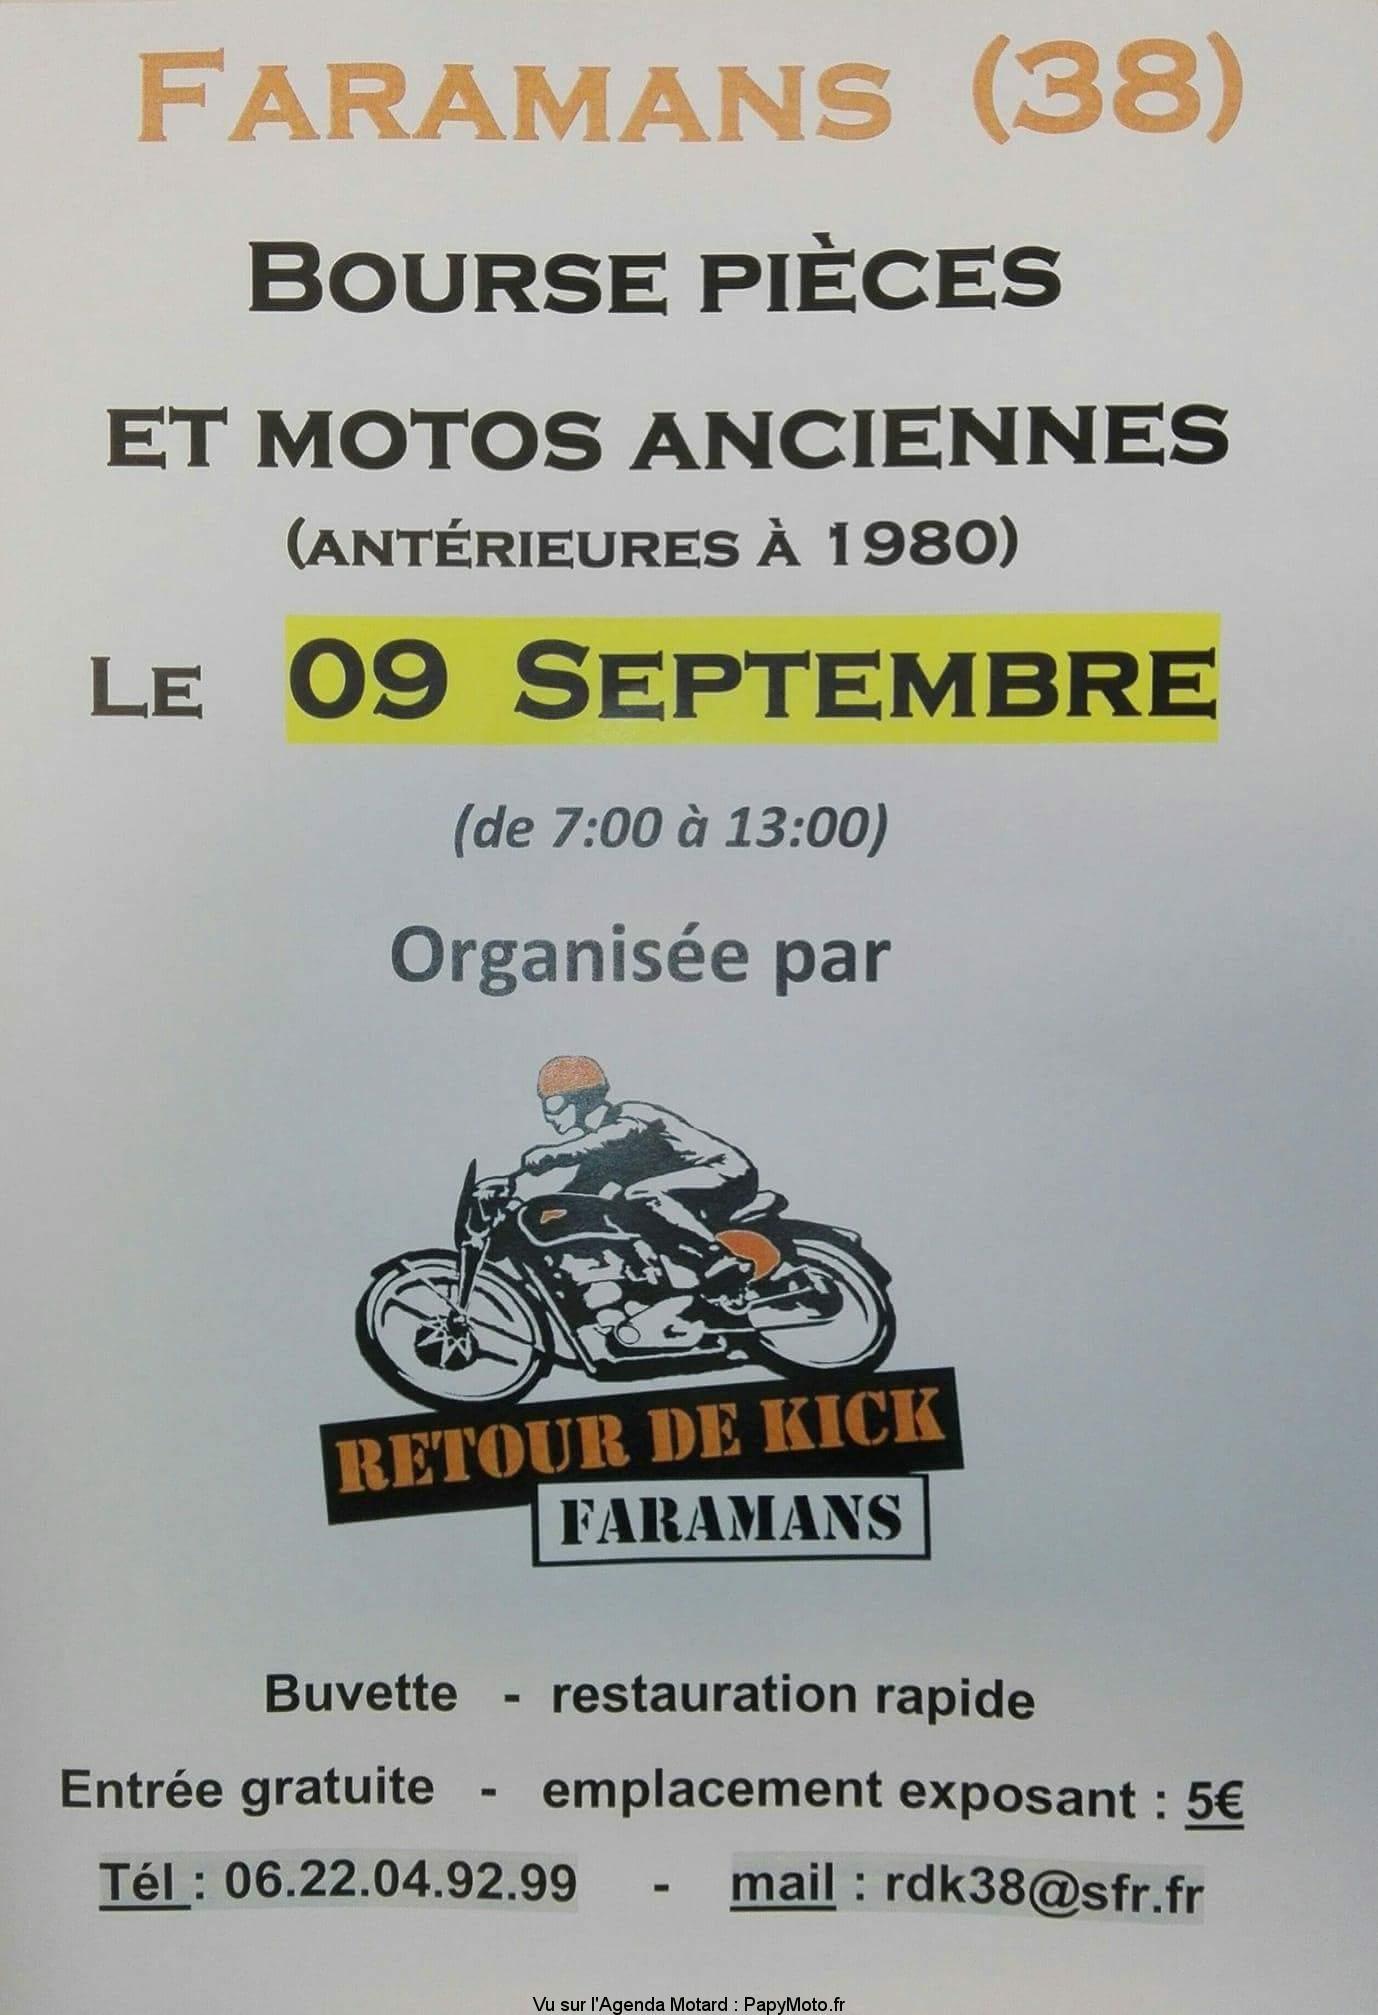 Bourse pièces et motos anciennes – Retour de kick – Faramans (38)